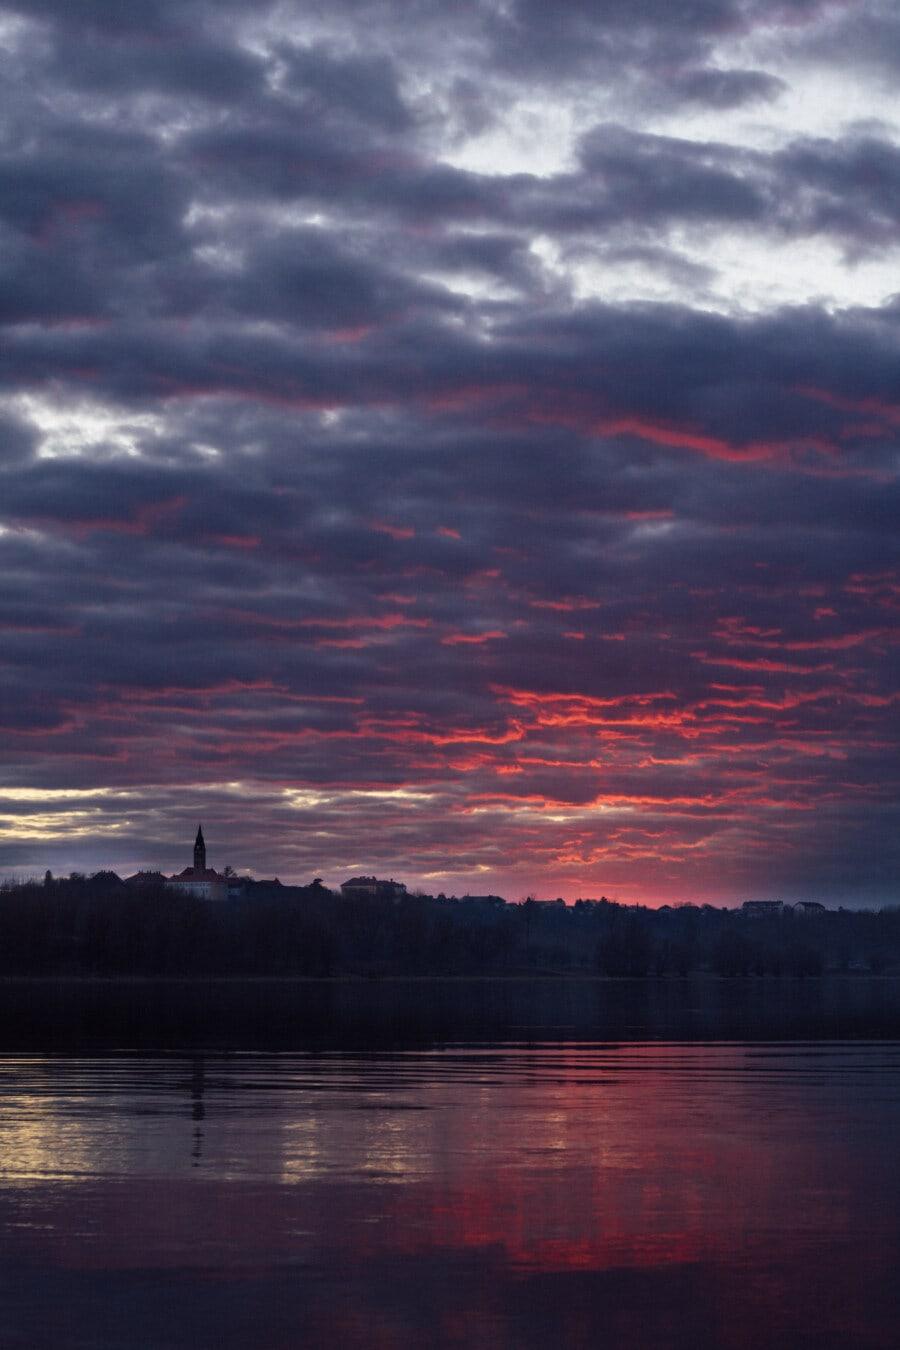 阳光, 河, 河岸, 日出, 黄昏, 多云, 雄伟, 水, 岸, 湖